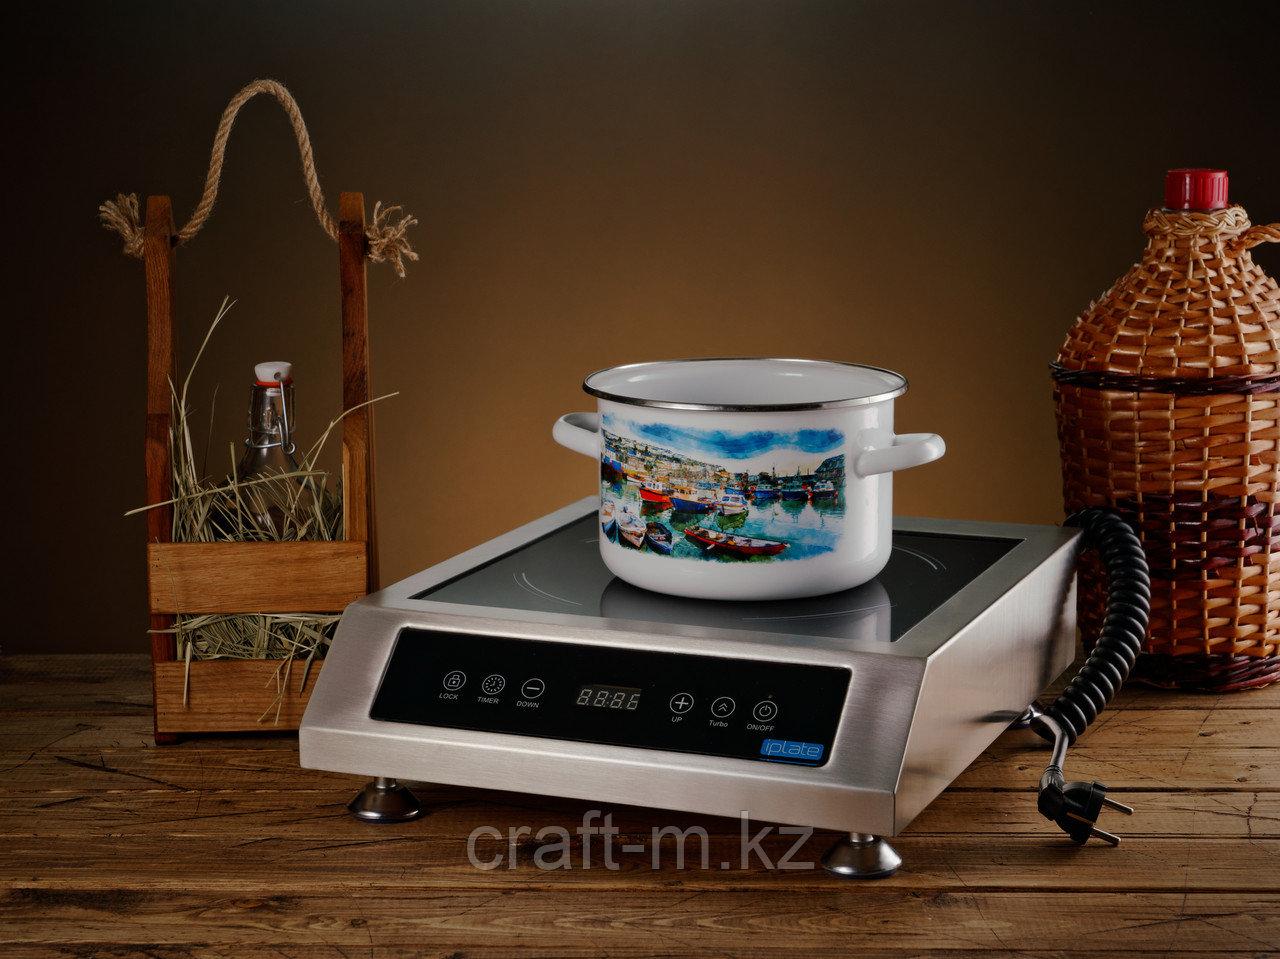 Iplate MONA 3500 Ватт электрическая настольная плита